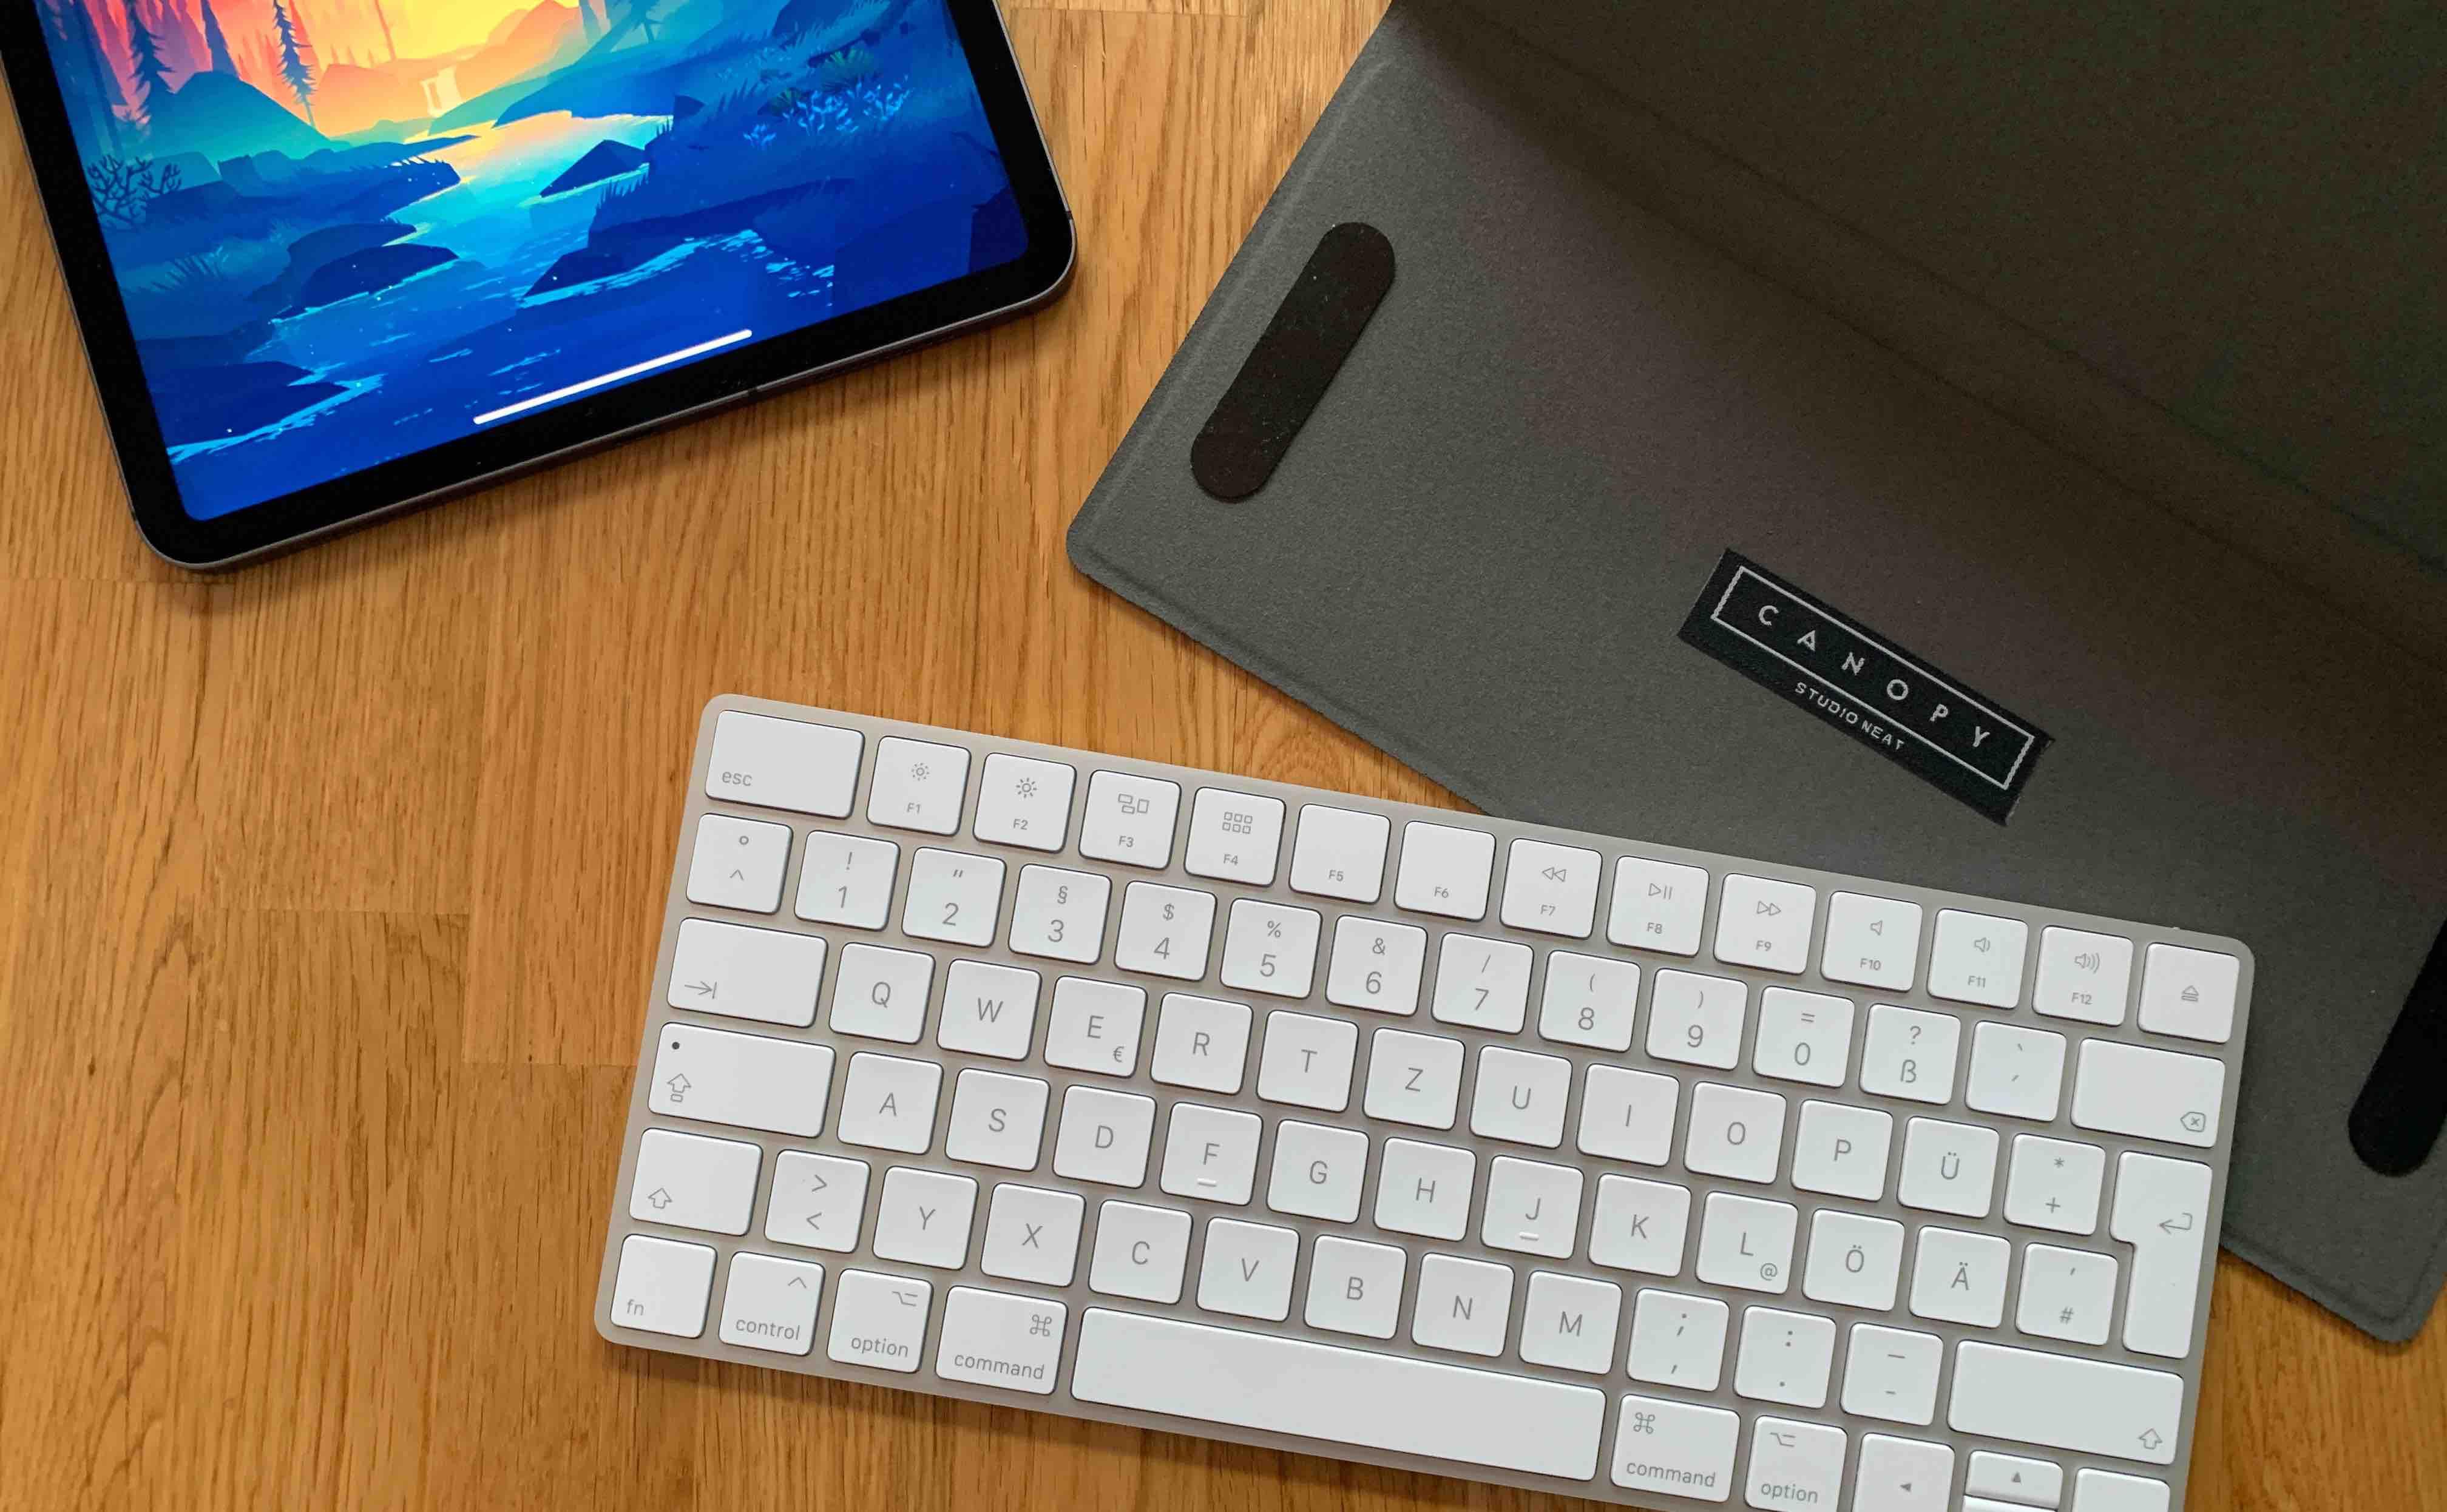 Canopy_StudioNeat_iPad_Keyboard_Review3 Canopy von Studio Neat - die Apple Magic Tastatur inkl. Aufstellfunktion für das iPad